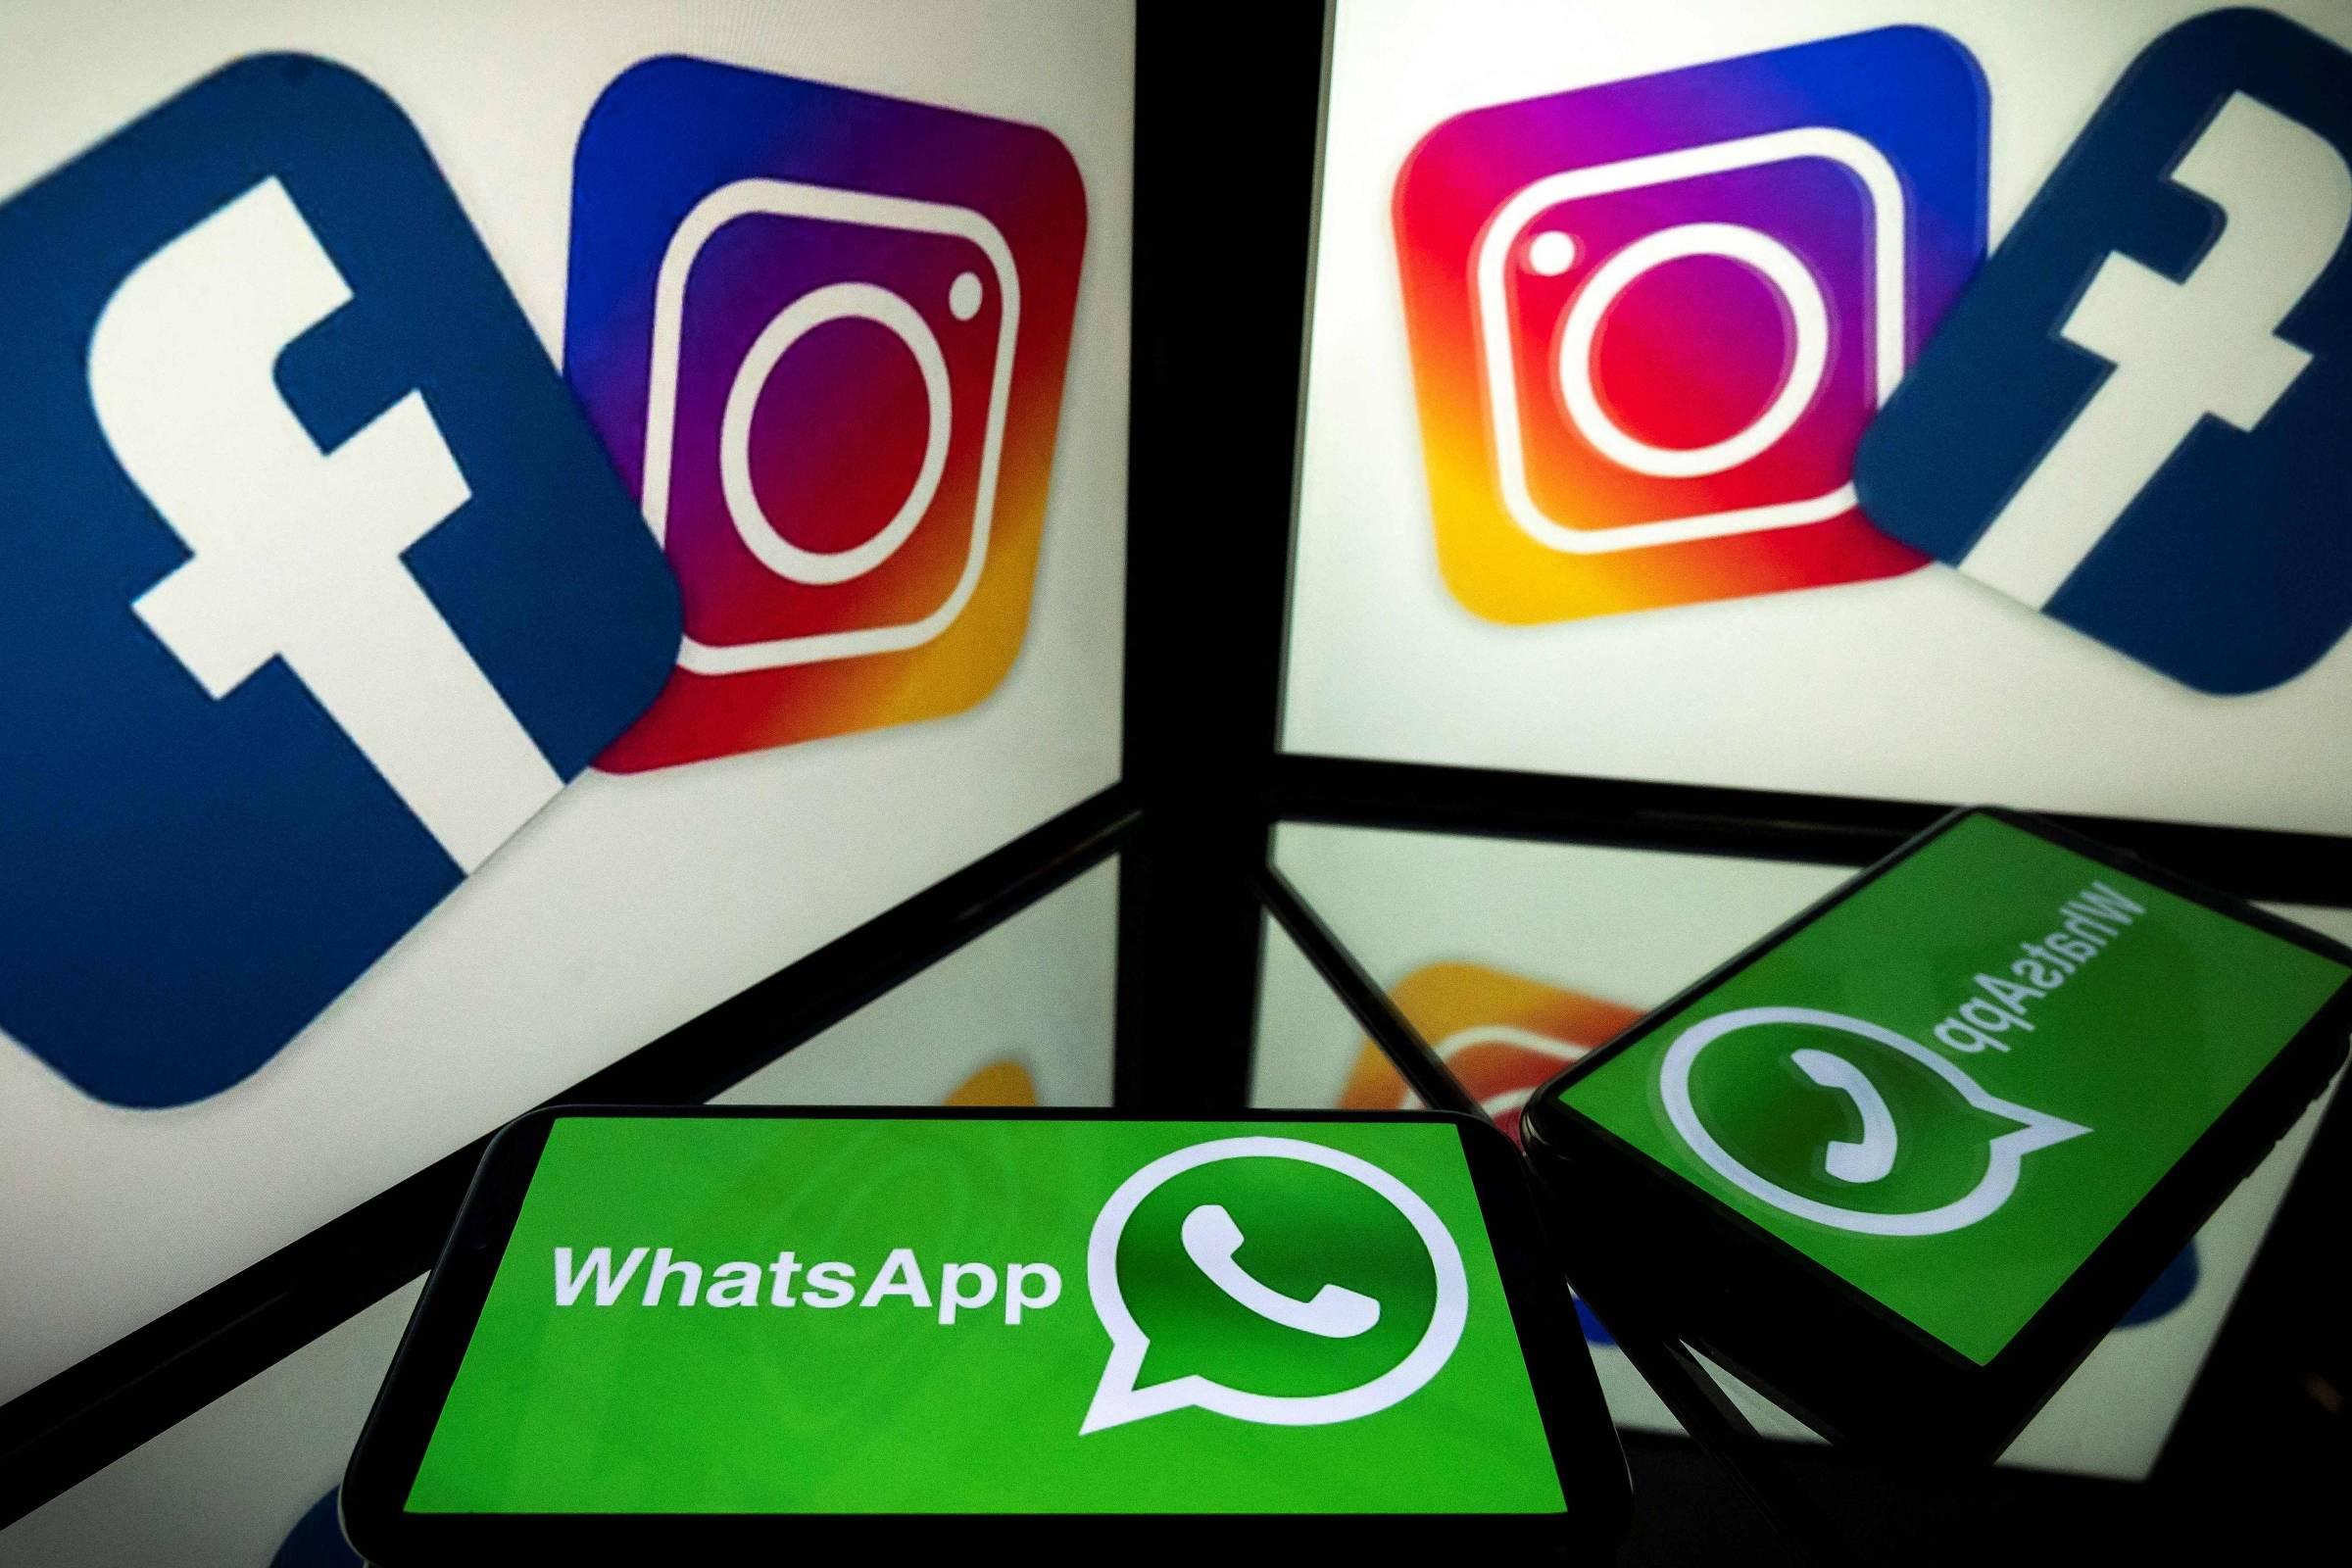 Procuradores pedem a Facebook que cancele Instagram para crianças nos EUA